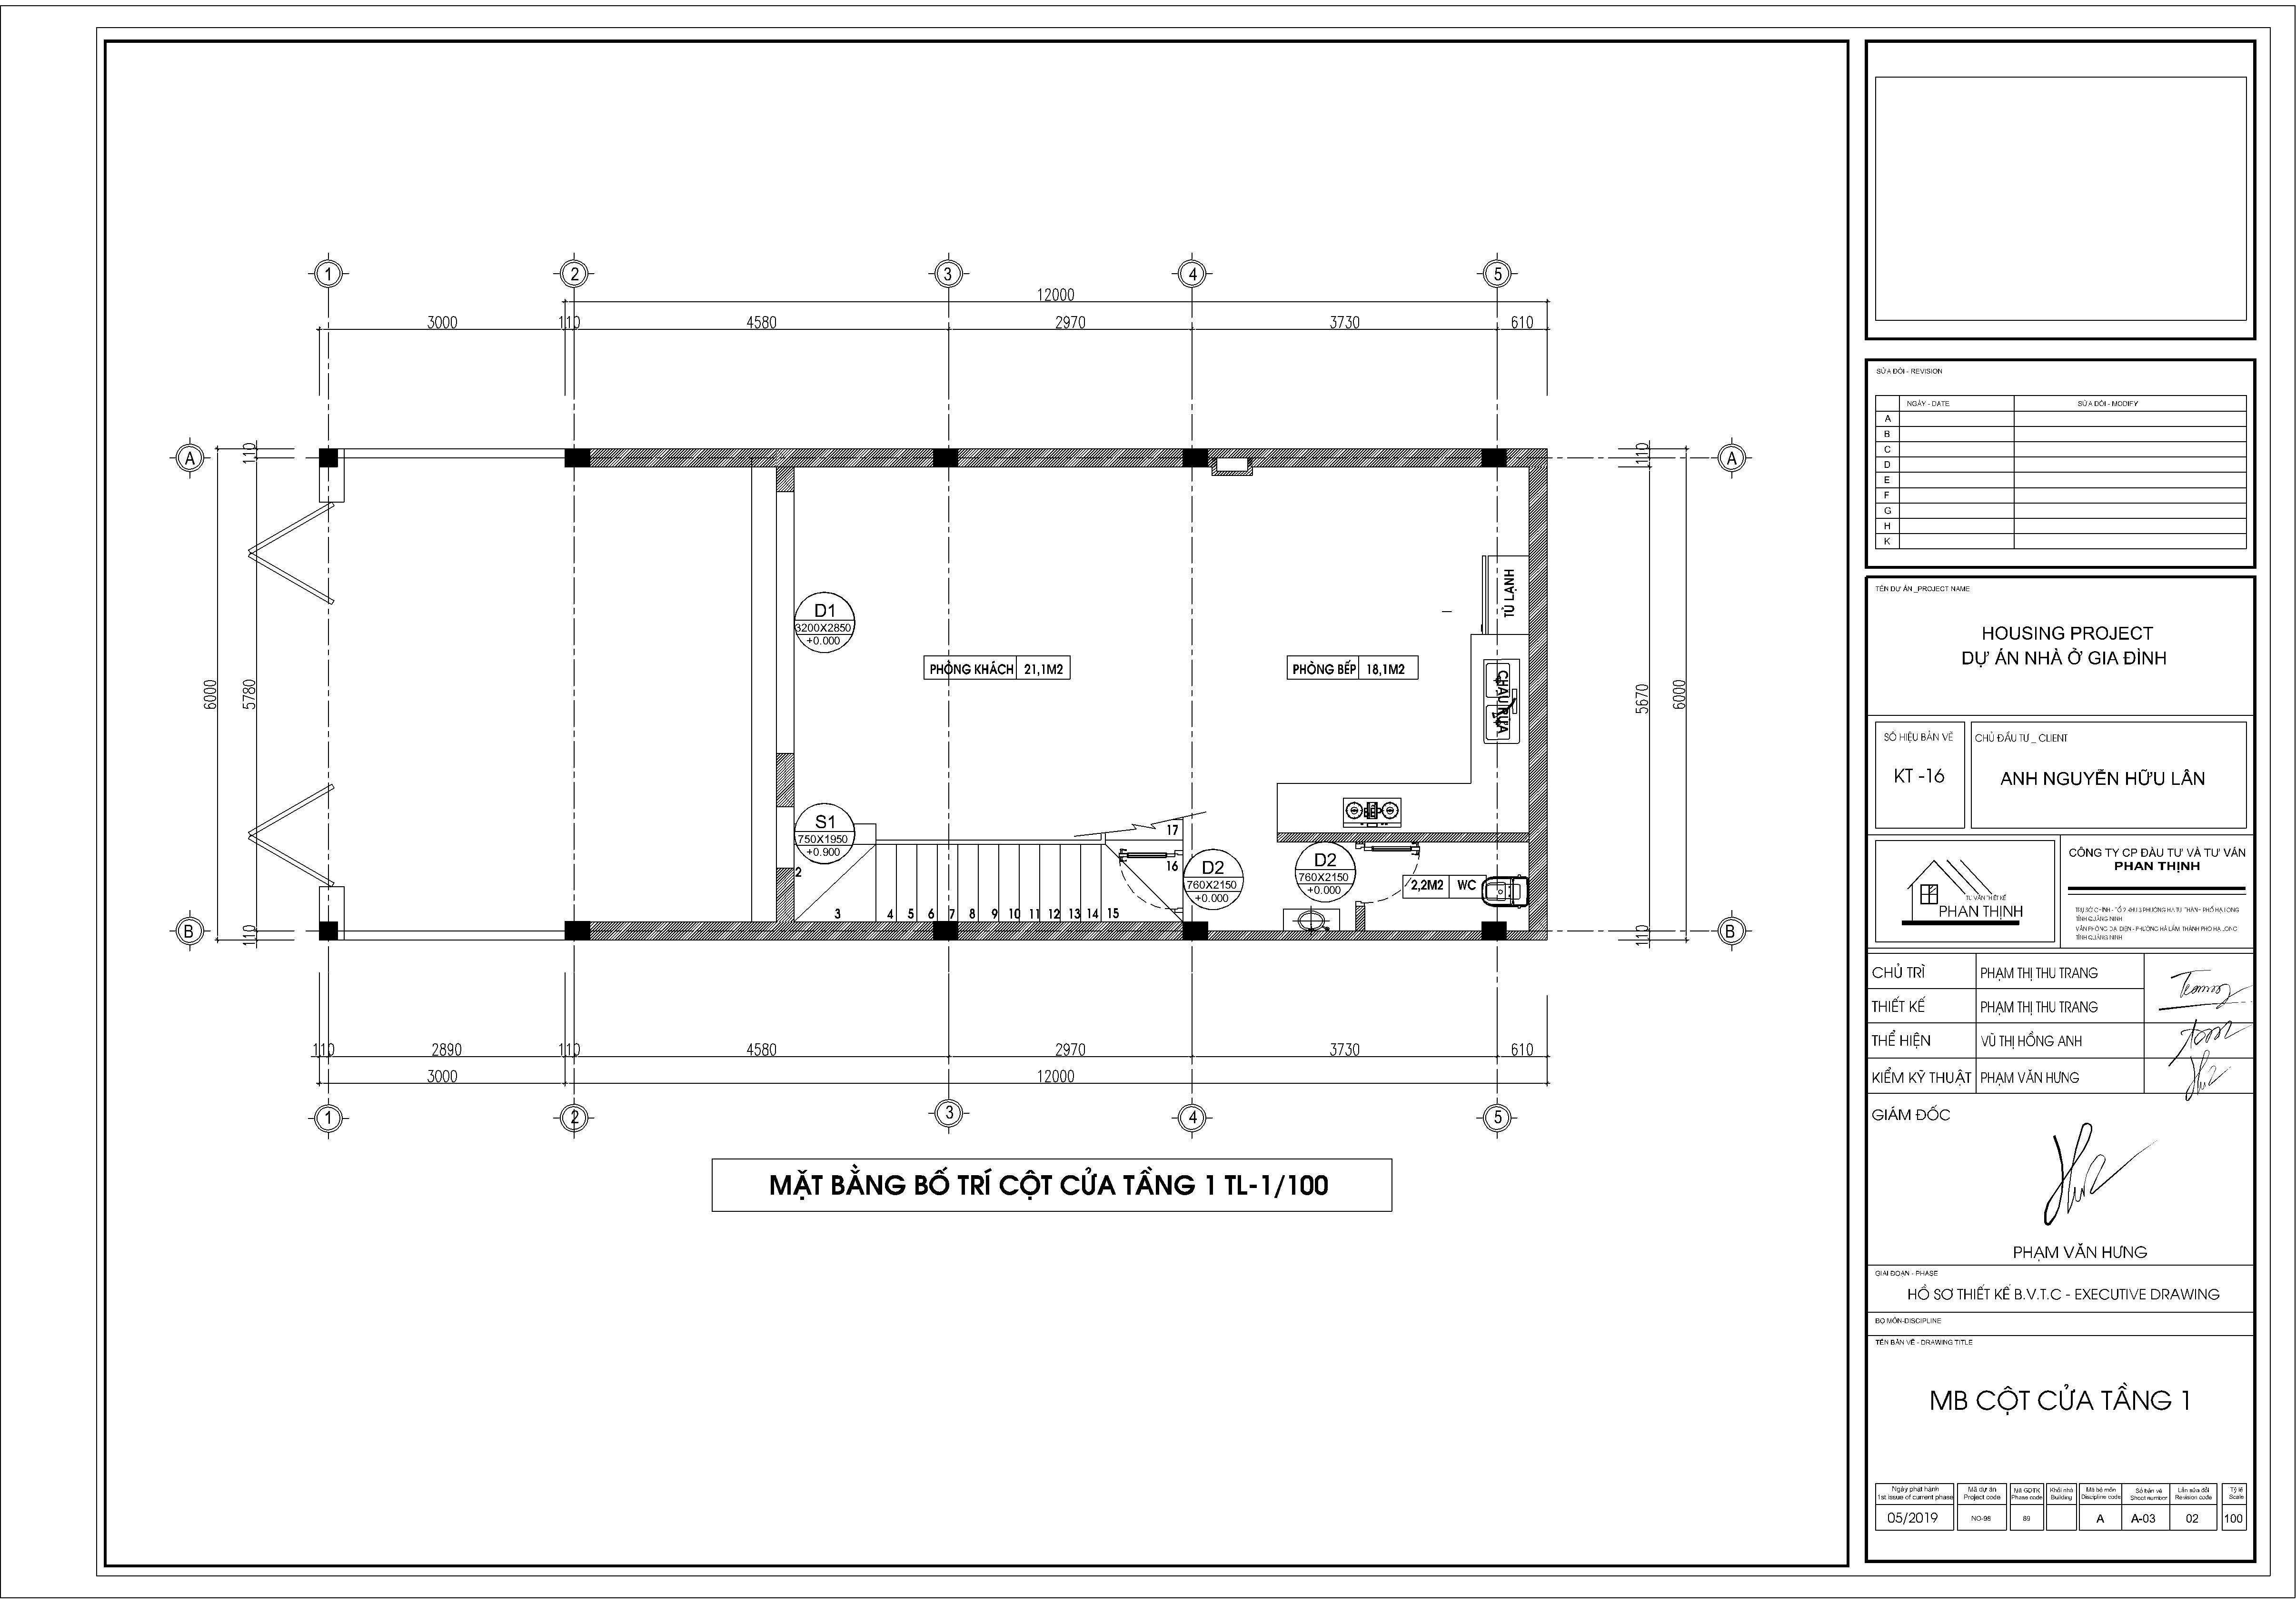 Mặt bằng thiết kế bố trí cửa tầng 1